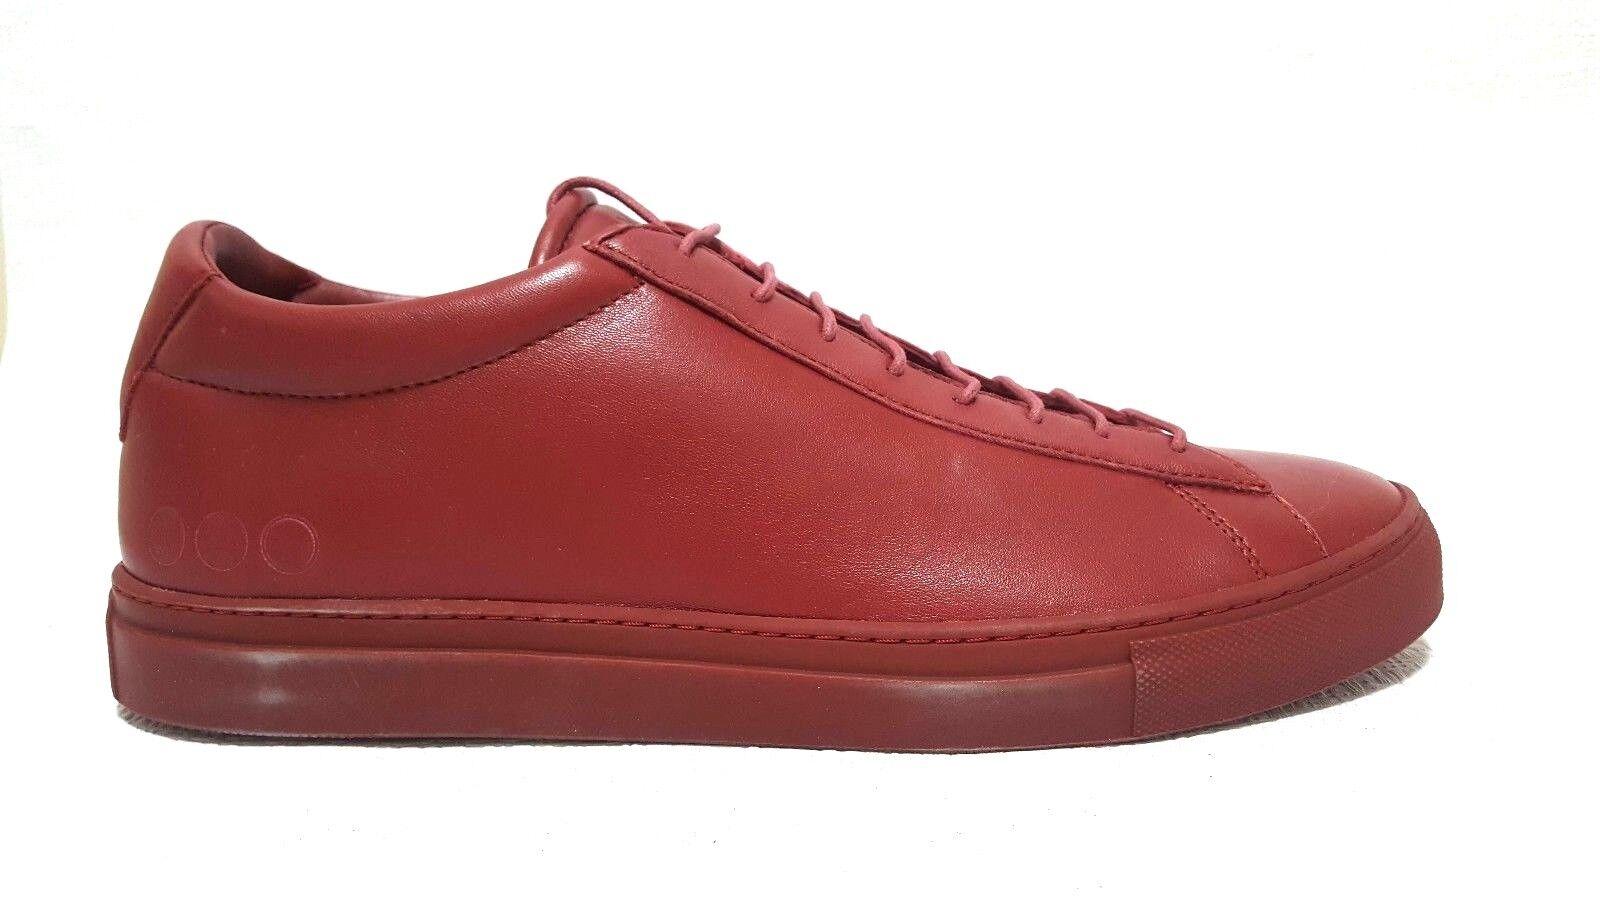 Prima forma drew Uomo di bassa cima di scarpe di Uomo pelle rossa rari scarpa ef097a